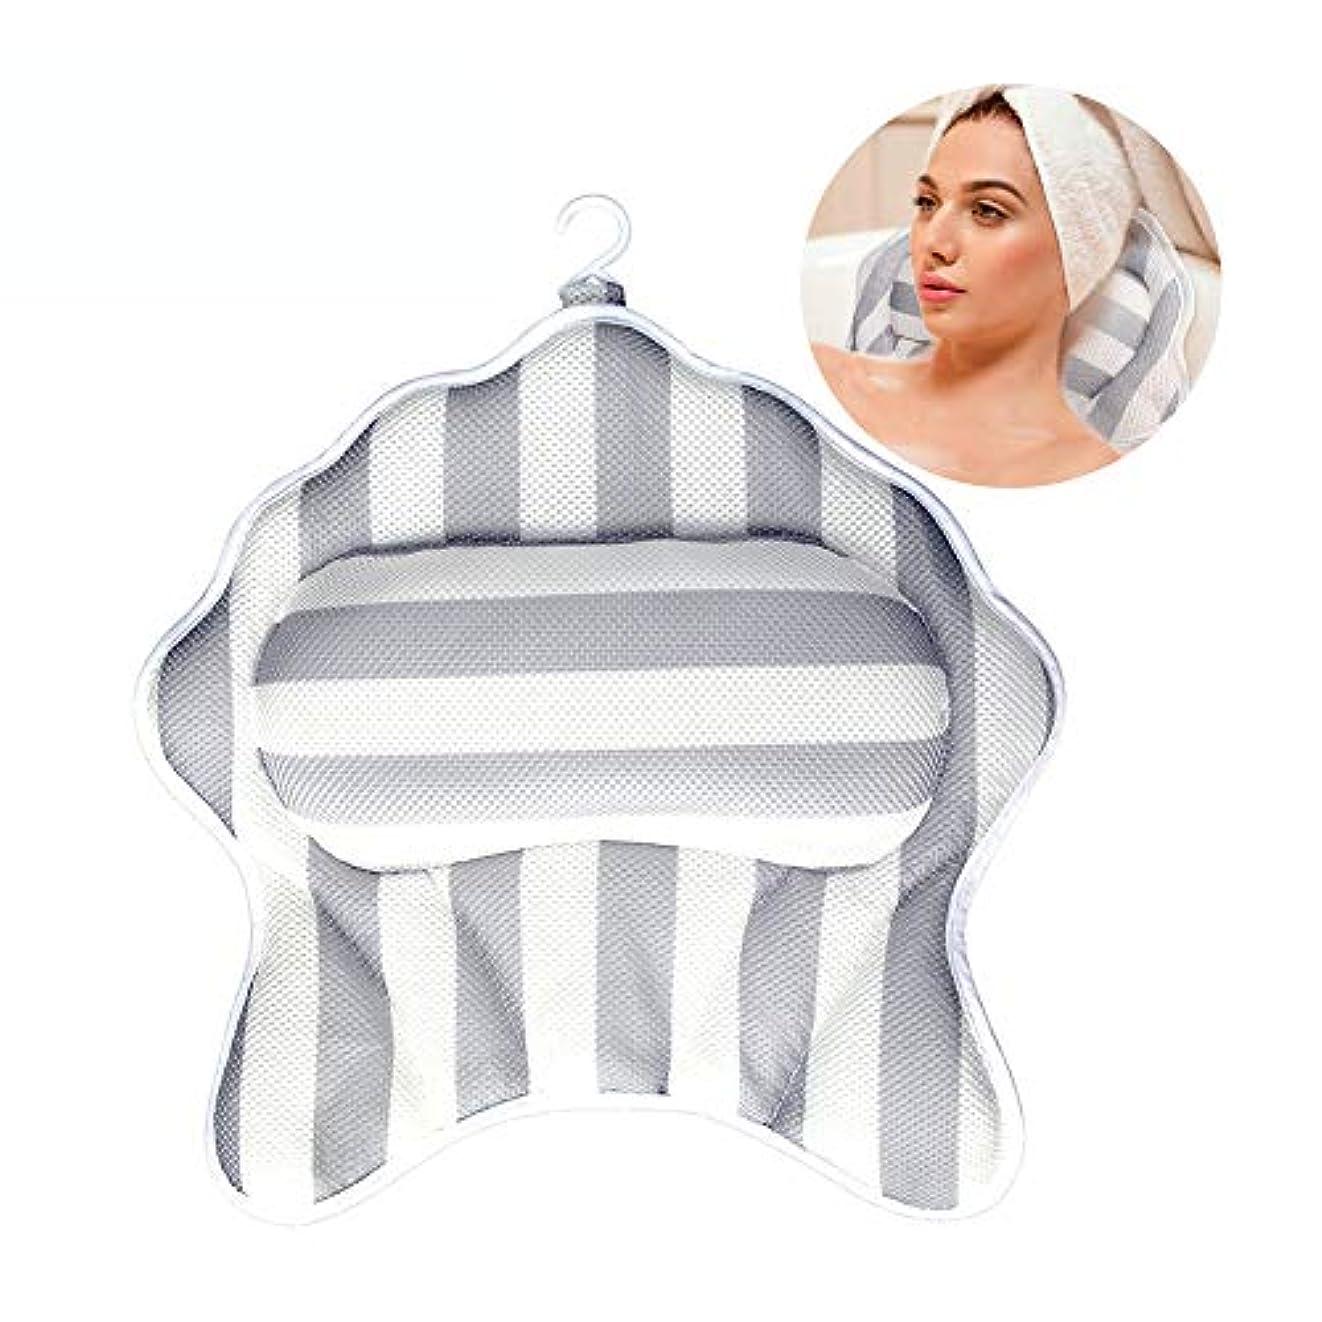 競合他社選手医学冗談で3dメッシュヒトデスパマッサージバスタブ枕浴室枕クッションwith6強い吸引カップは洗濯機で洗えます